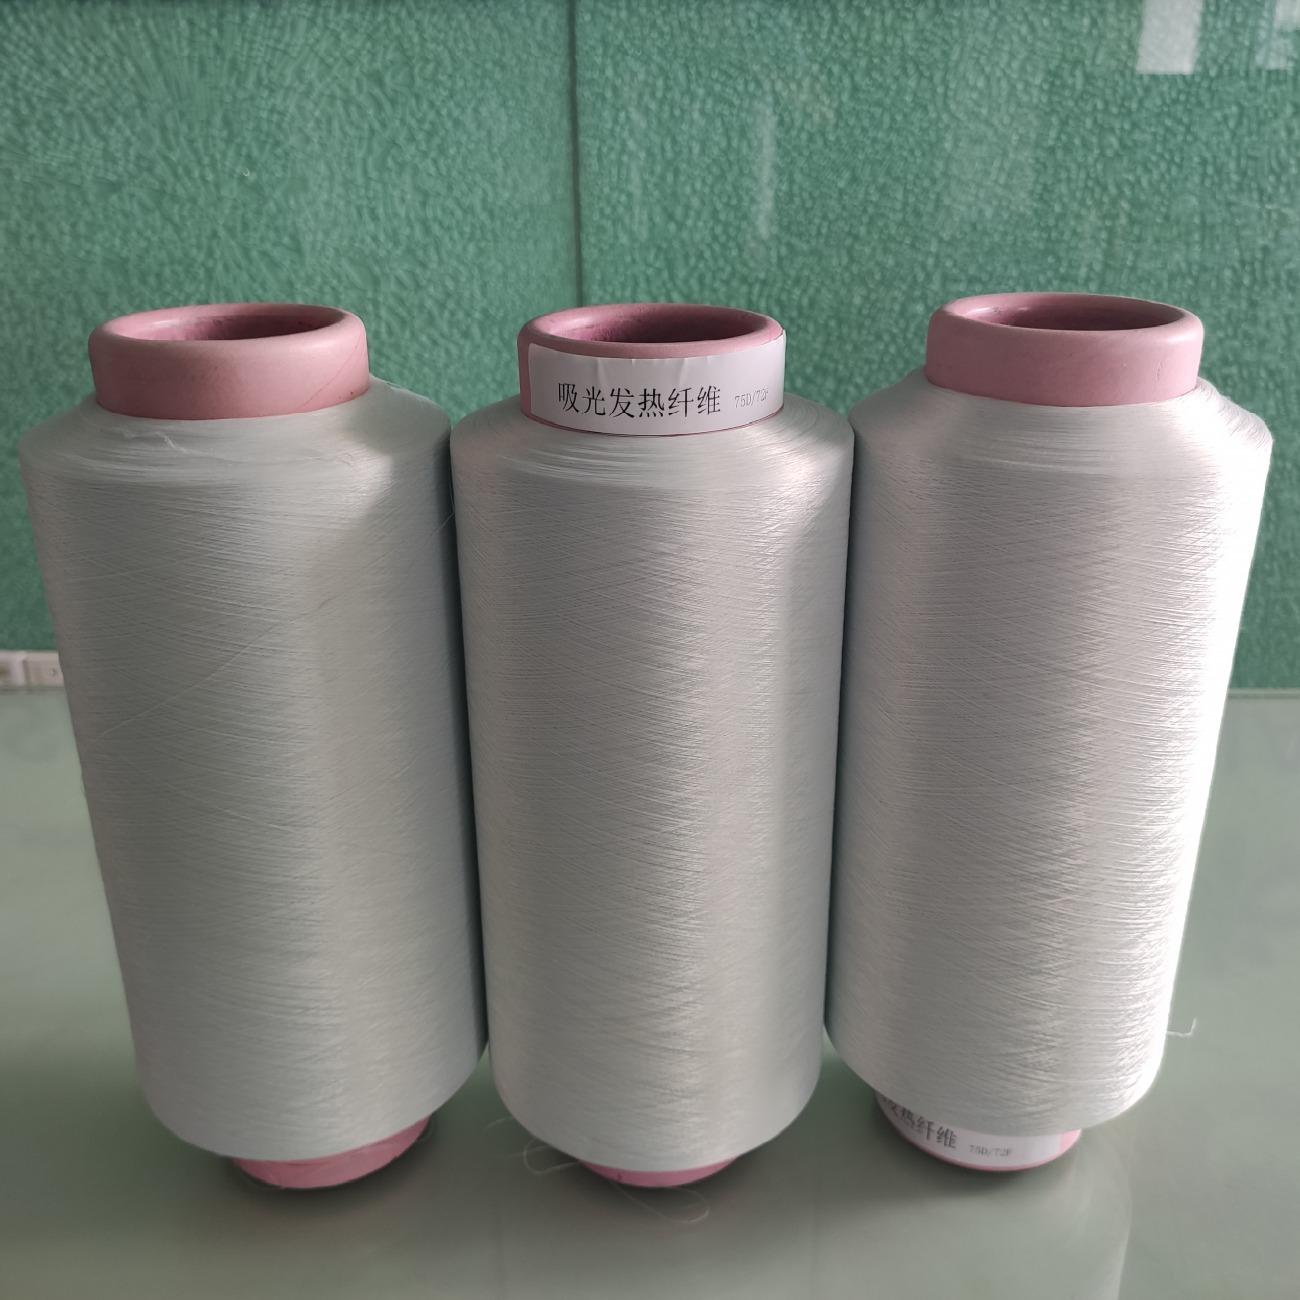 吸光发热纤维母粒/光照发热面料原材料963927525